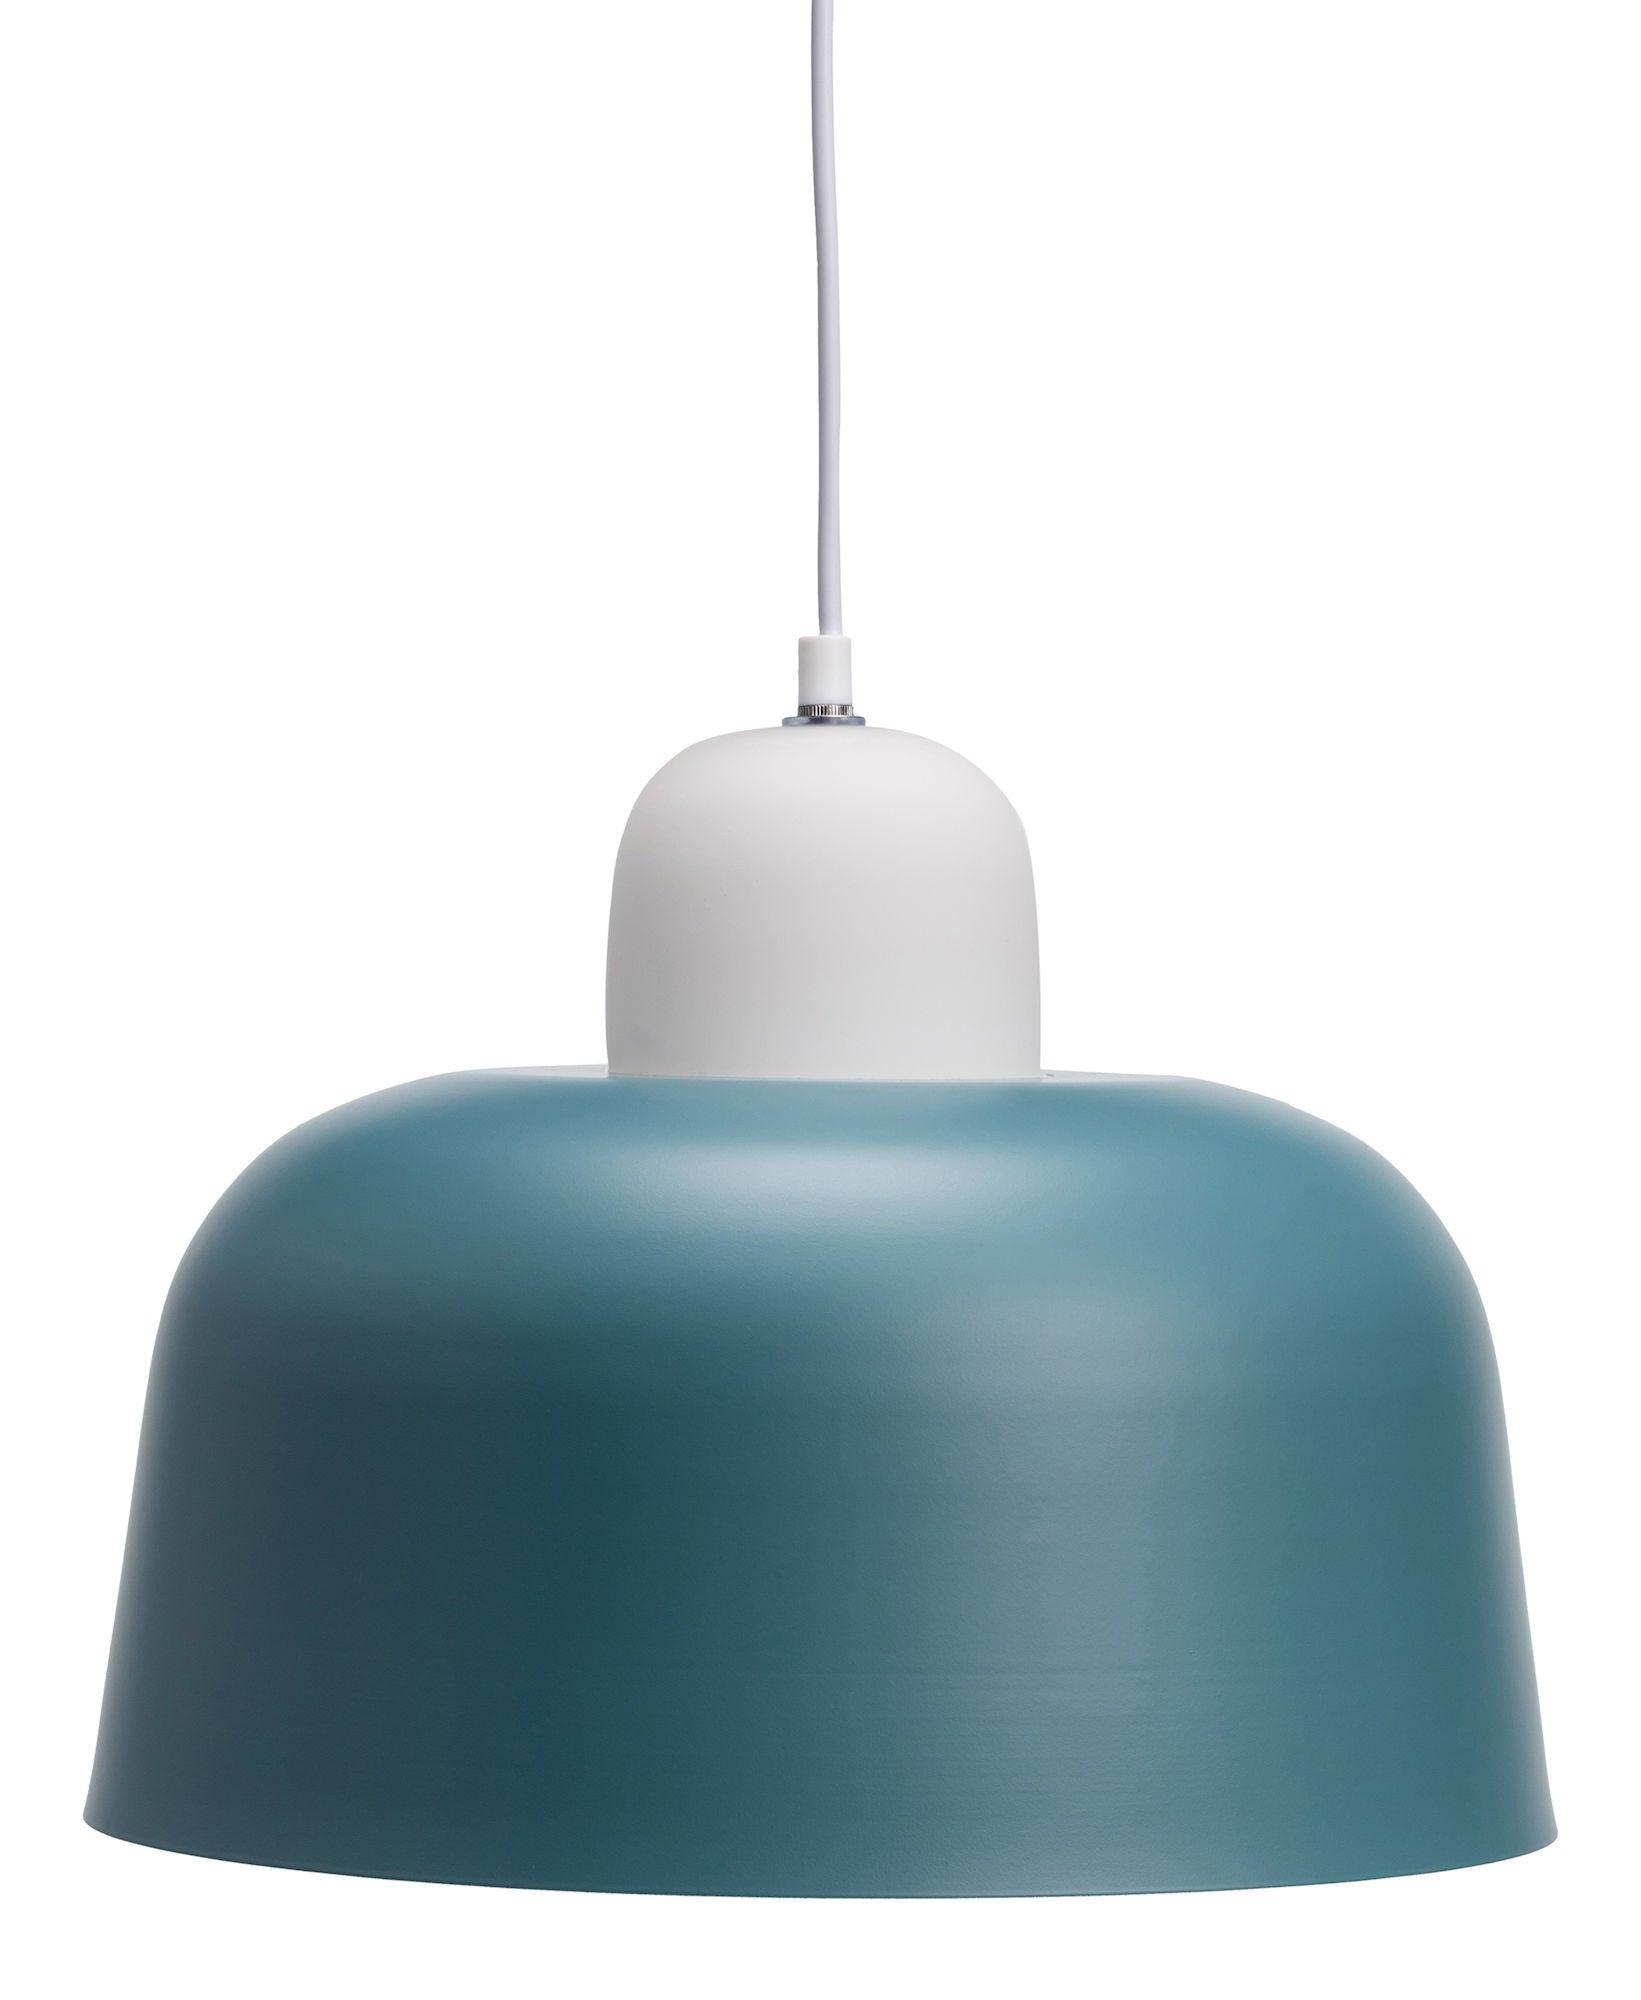 POPP Taklampa Medium, Blå